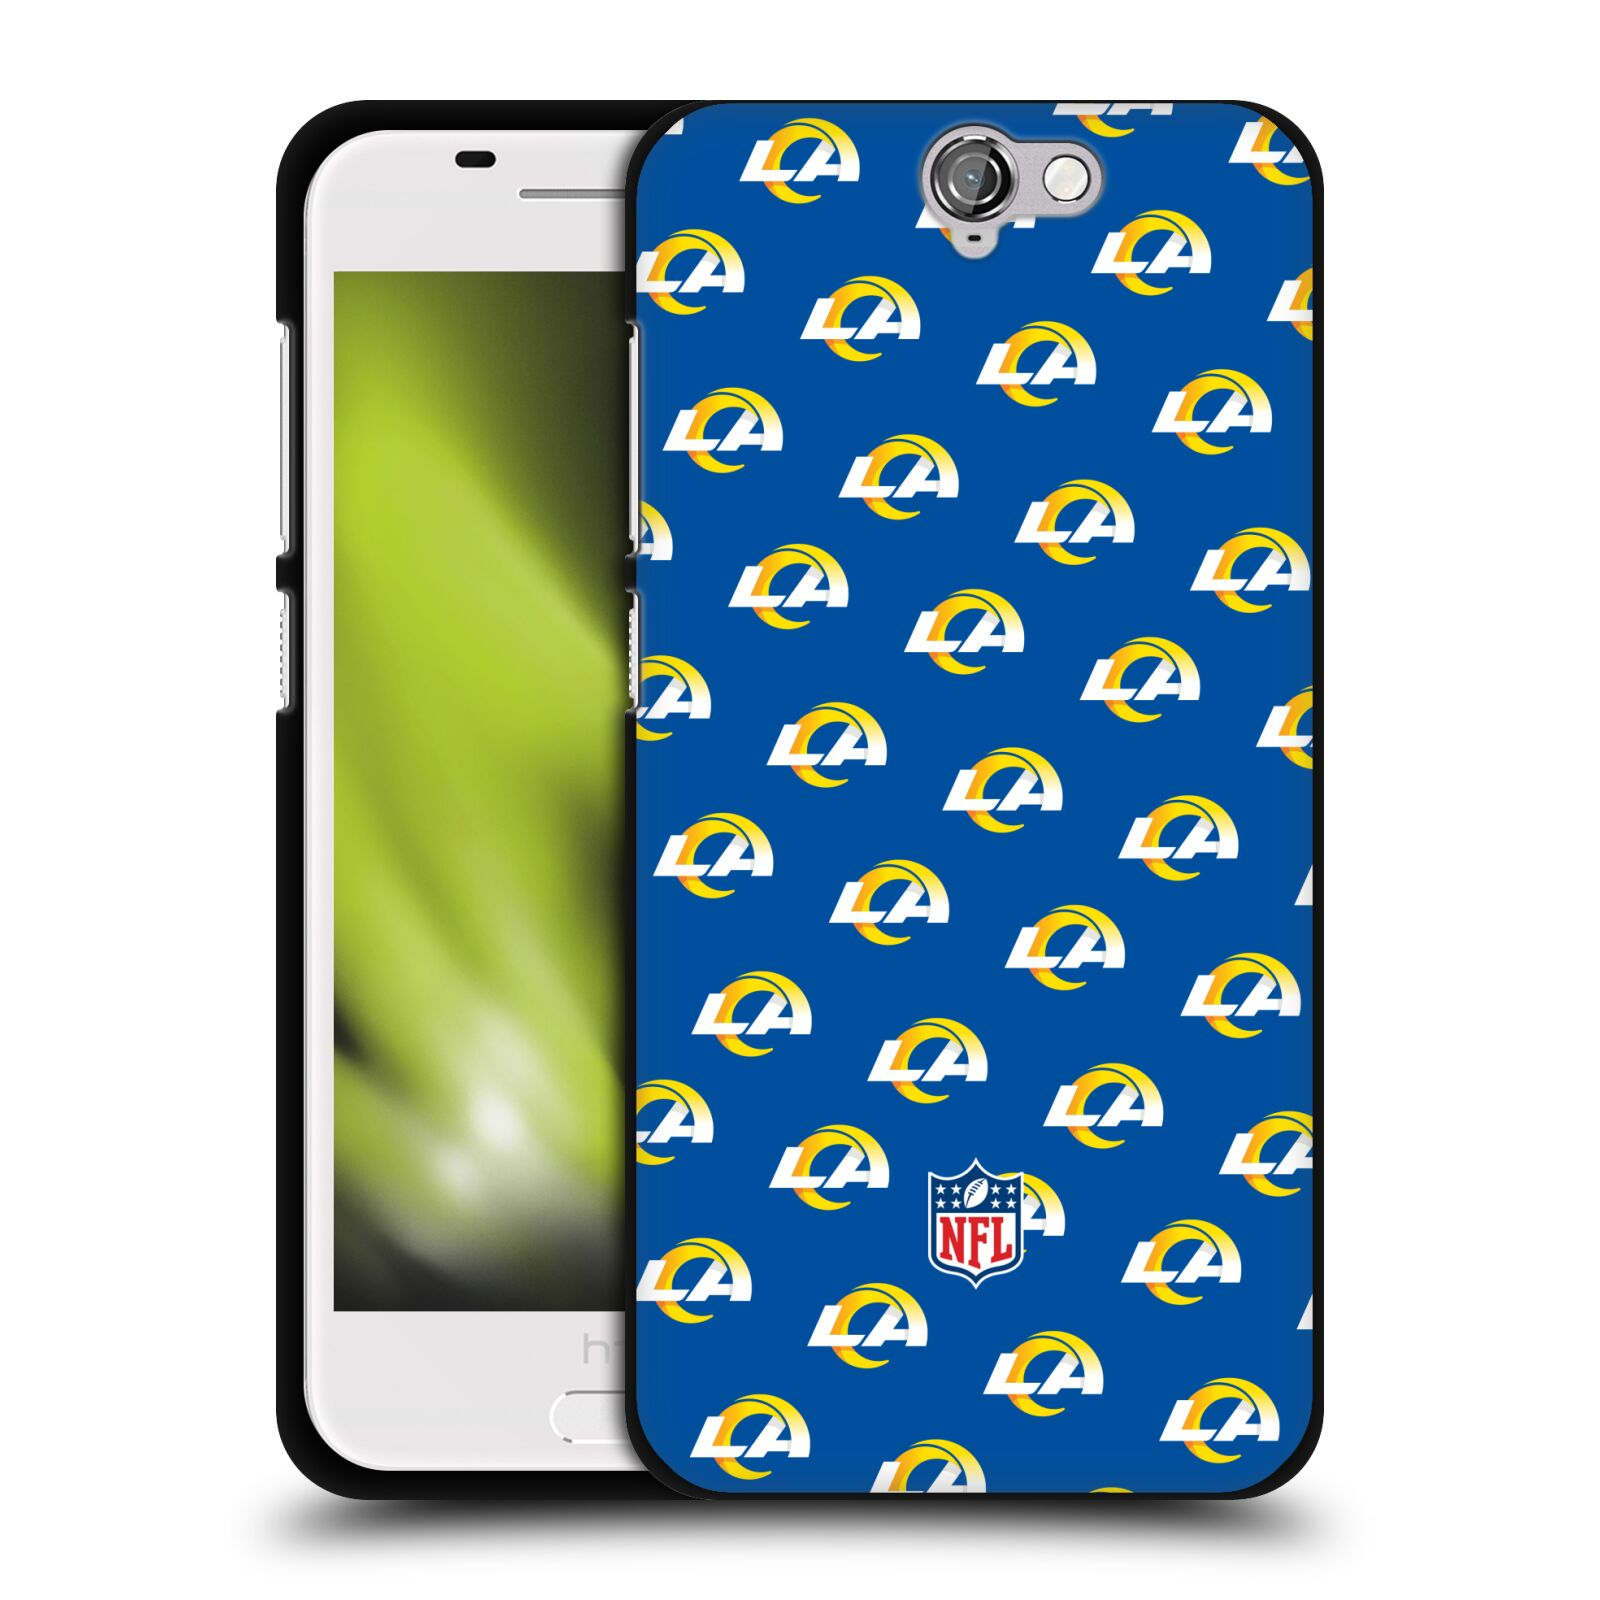 OFFICIEL-NFL-2017-18-LOS-ANGELES-RAMS-COQUE-EN-GEL-DOUX-NOIR-POUR-HTC-TELEPHONES